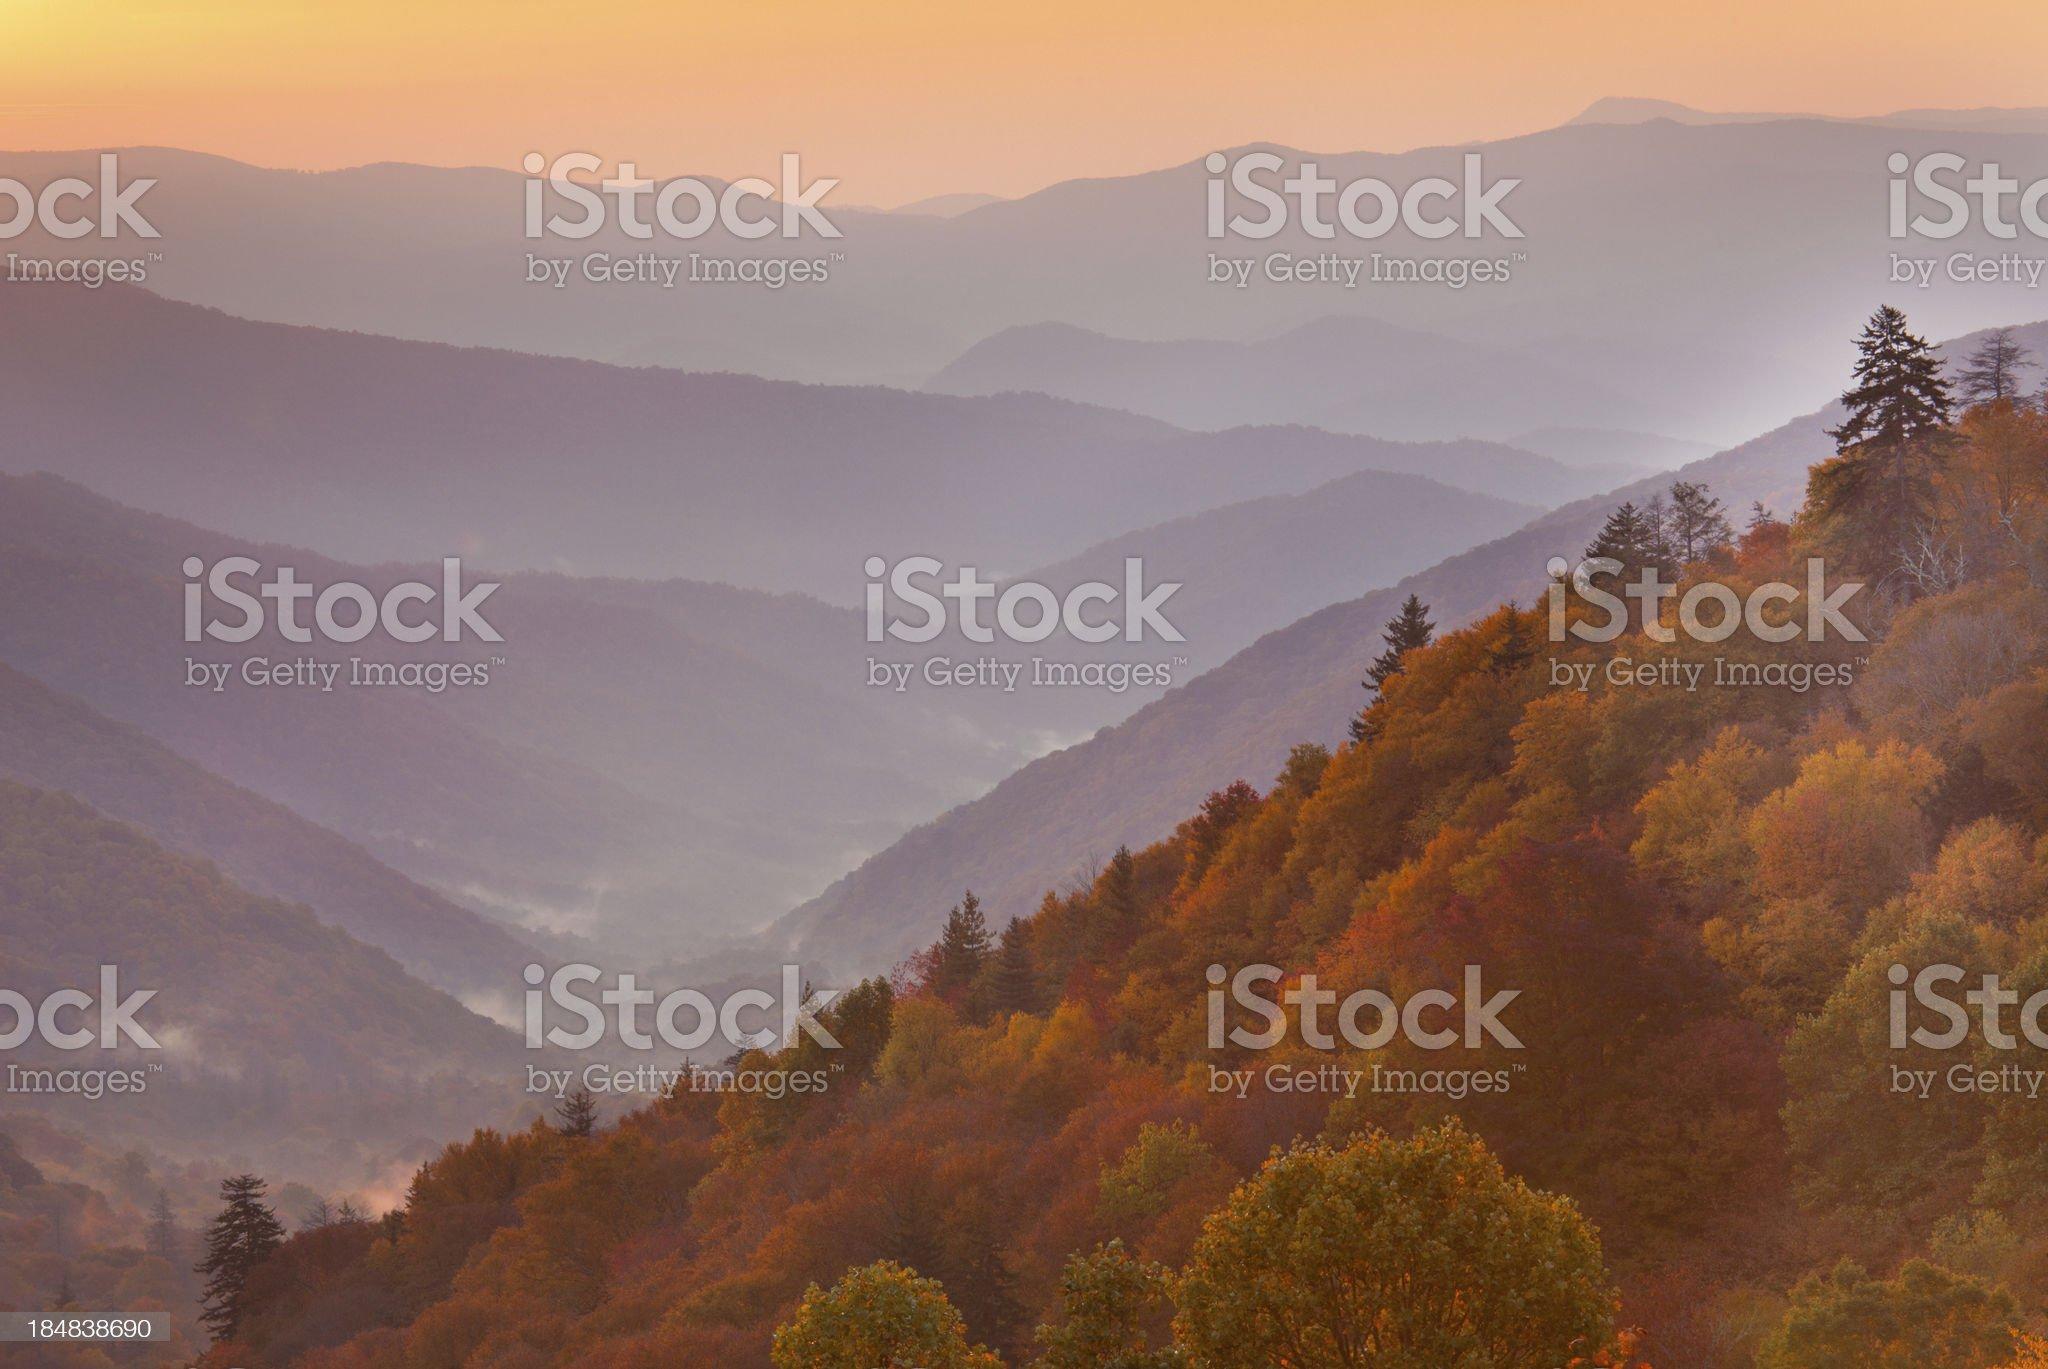 Autumn Mountains royalty-free stock photo